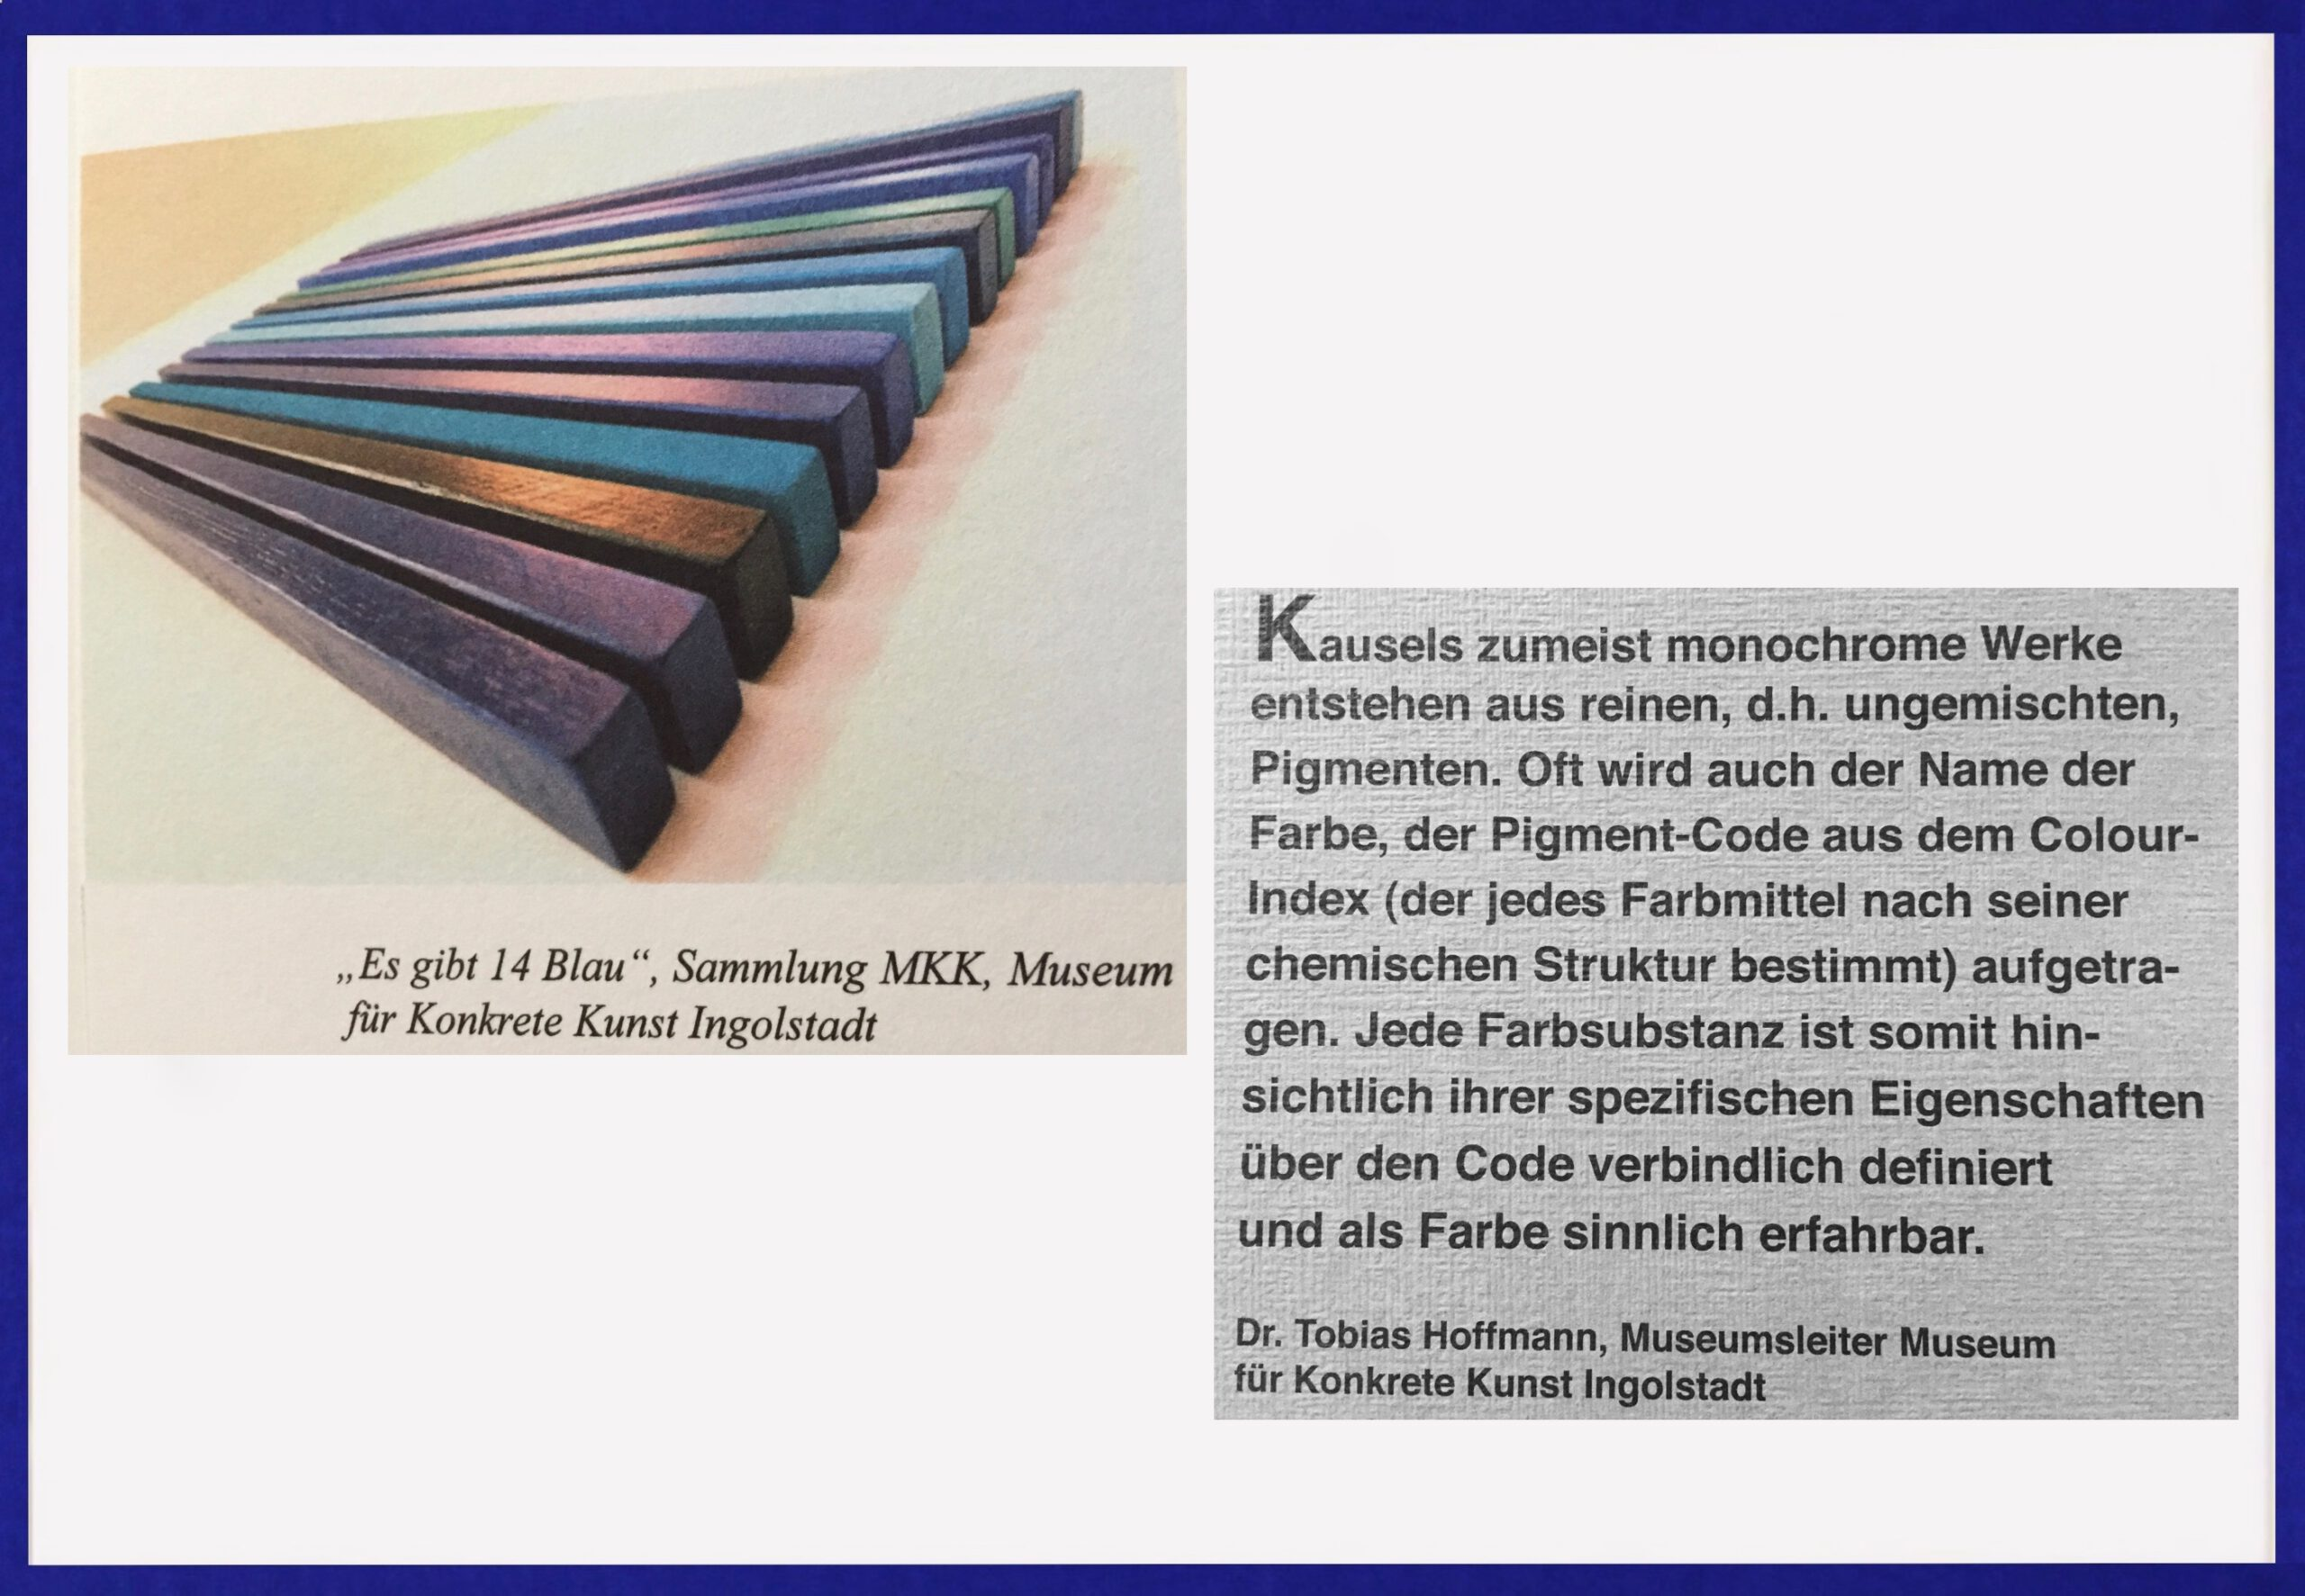 Museum für konkrete Kunst Ingolstadt. kunstsammlung